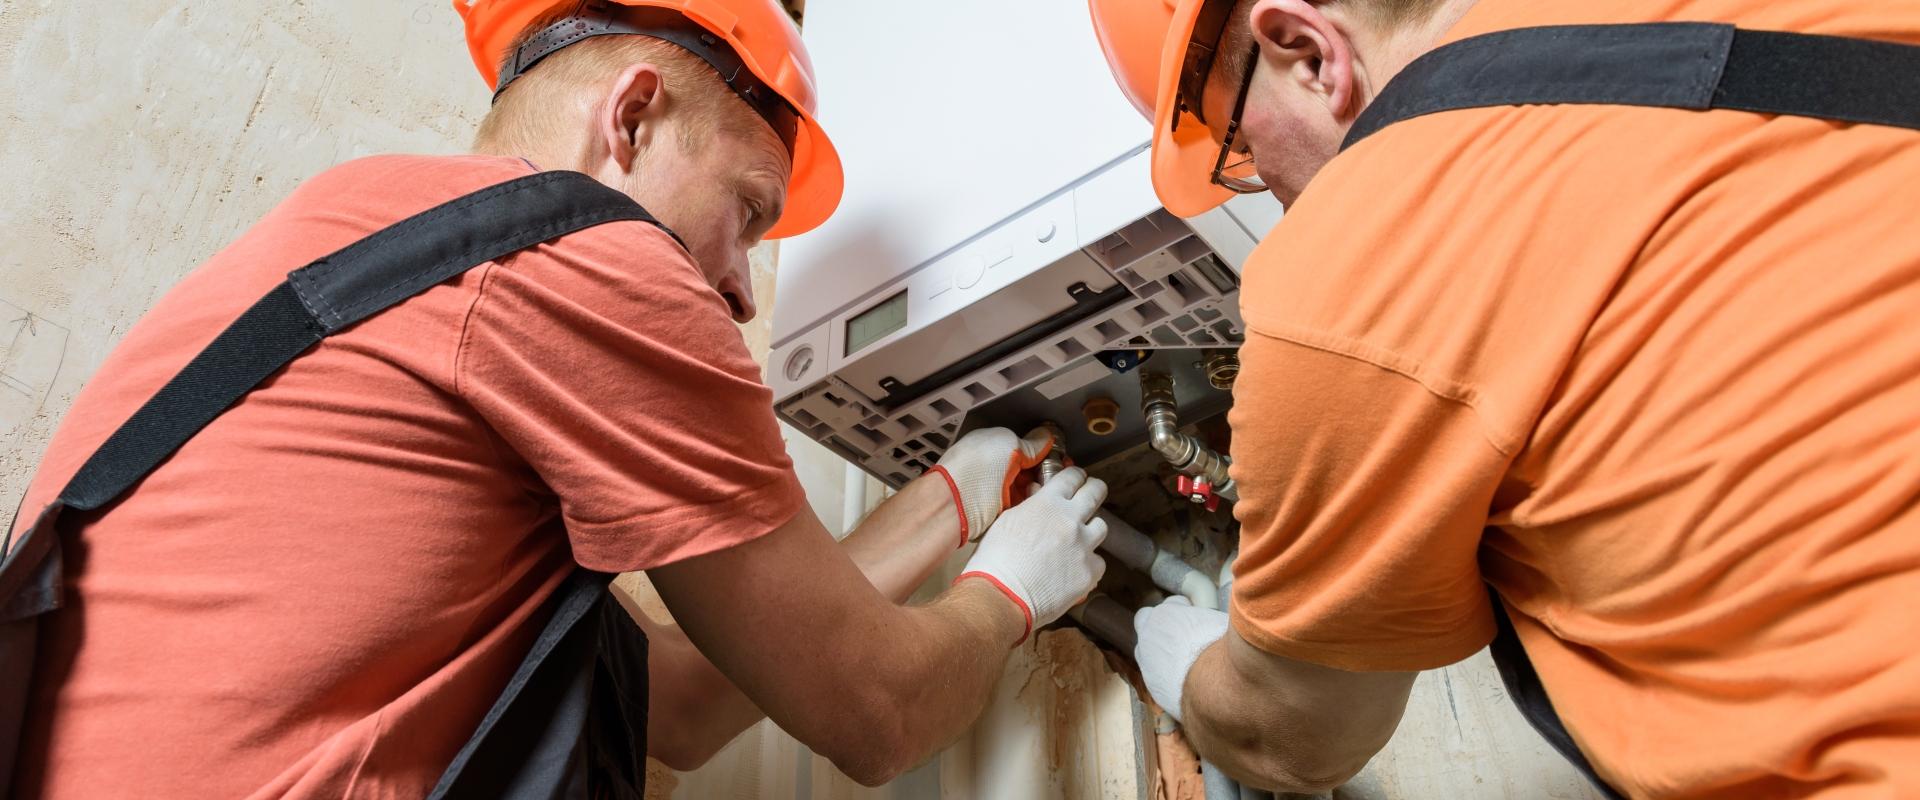 Men Doing Daily Maintenance on Boiler